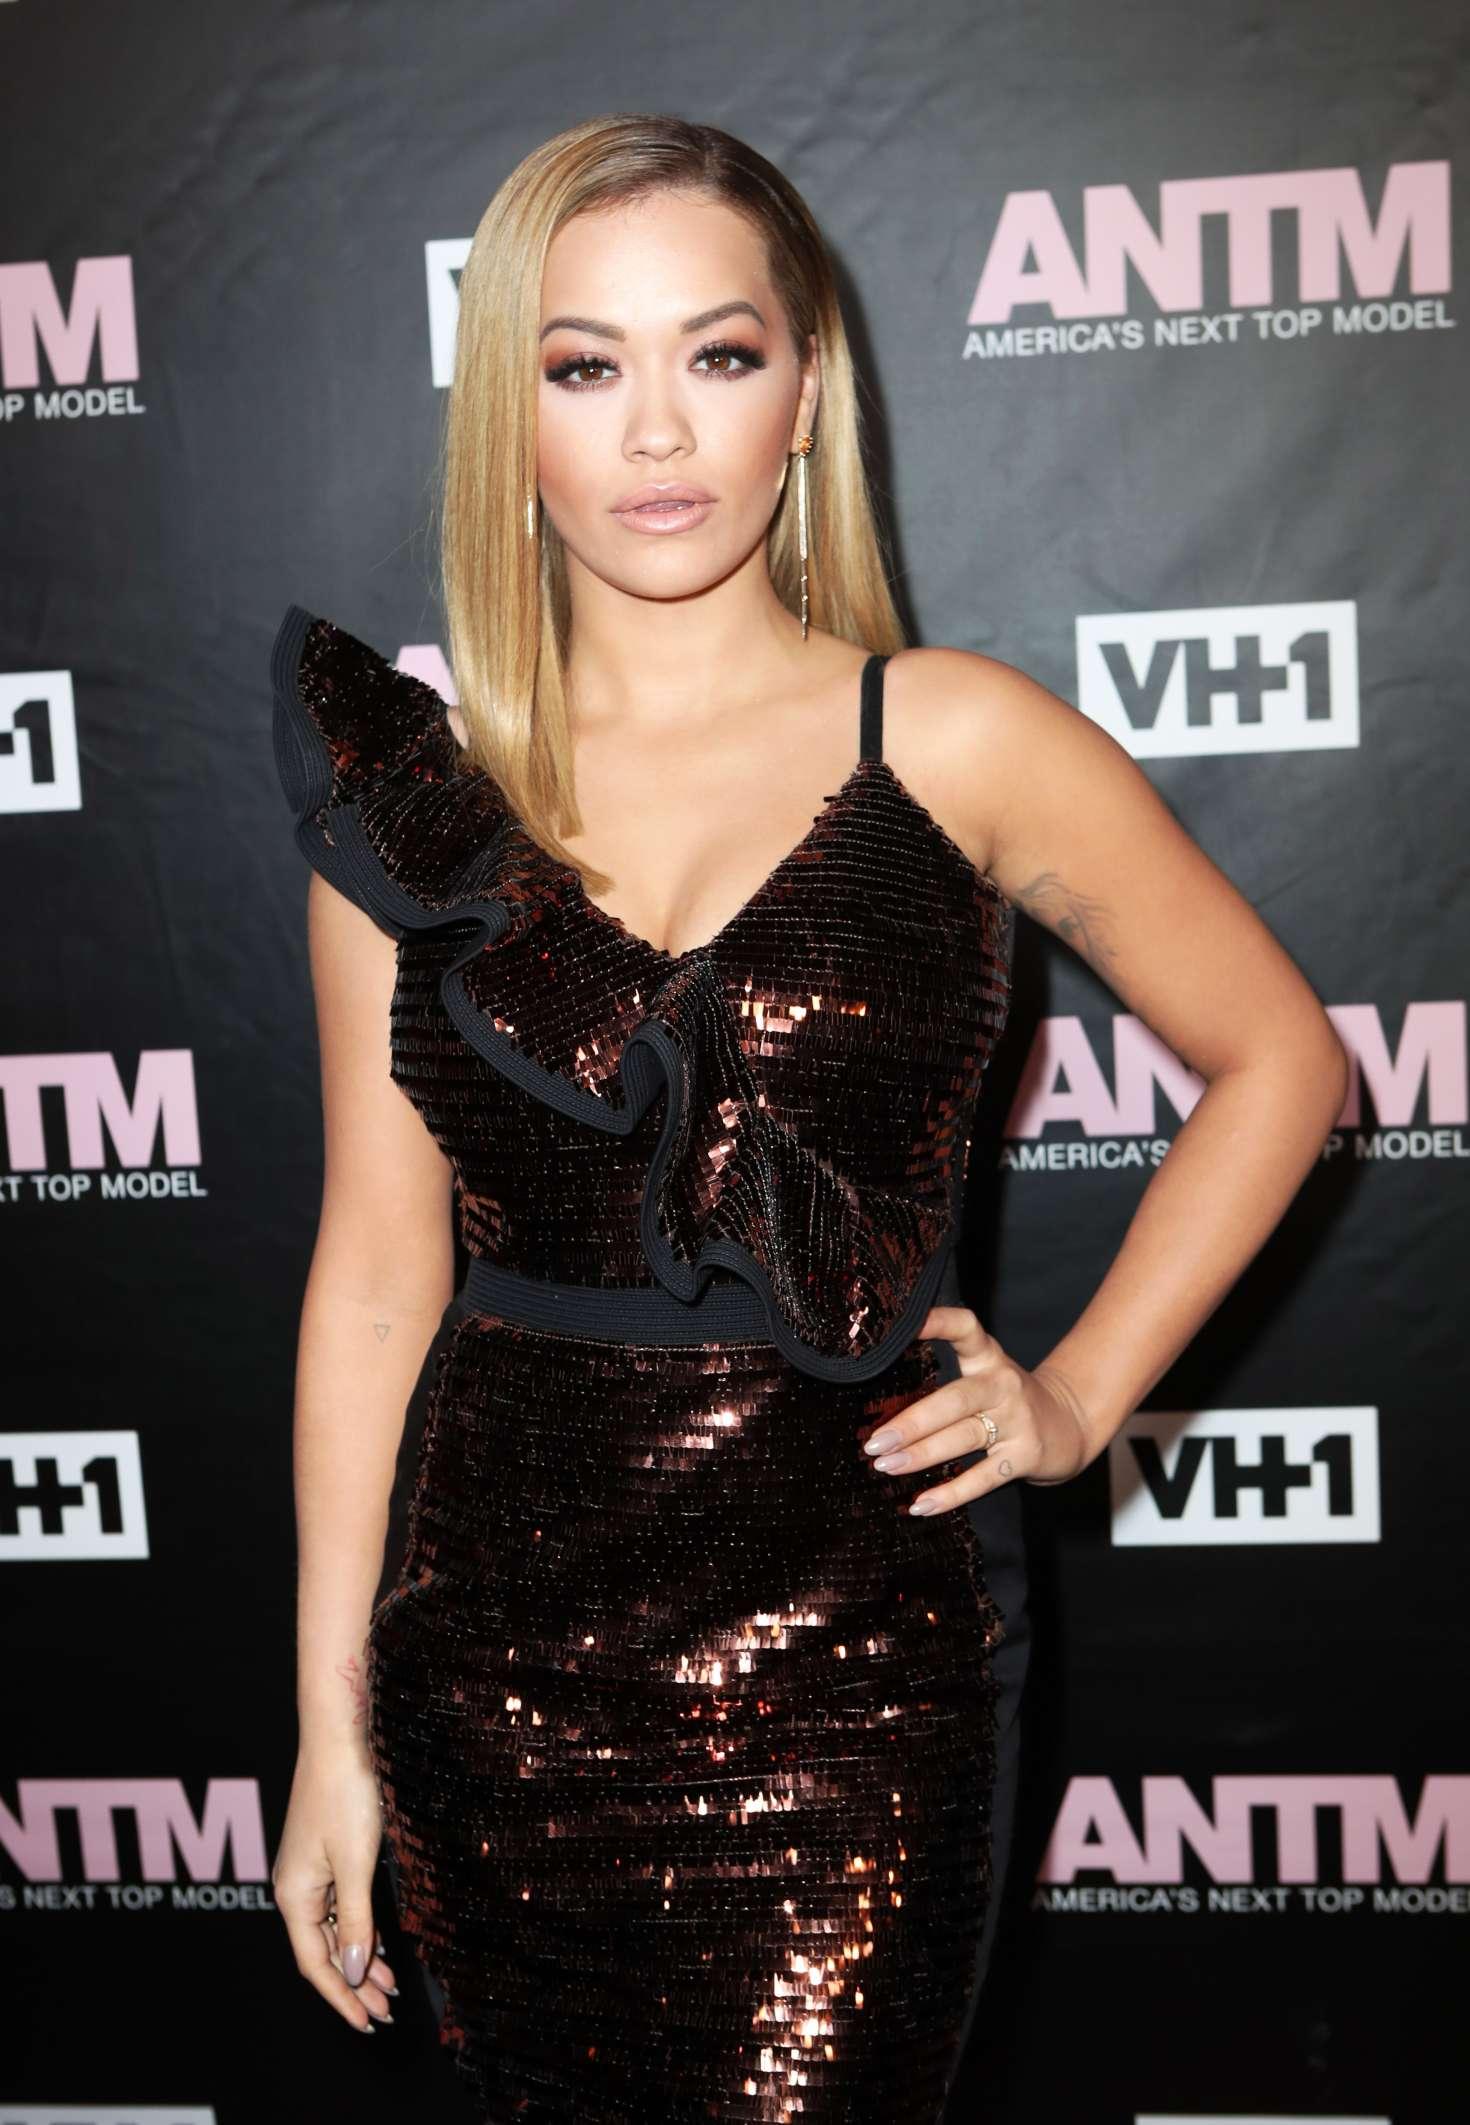 Rita Ora - America's Next Top Model Premiere Party in New York City